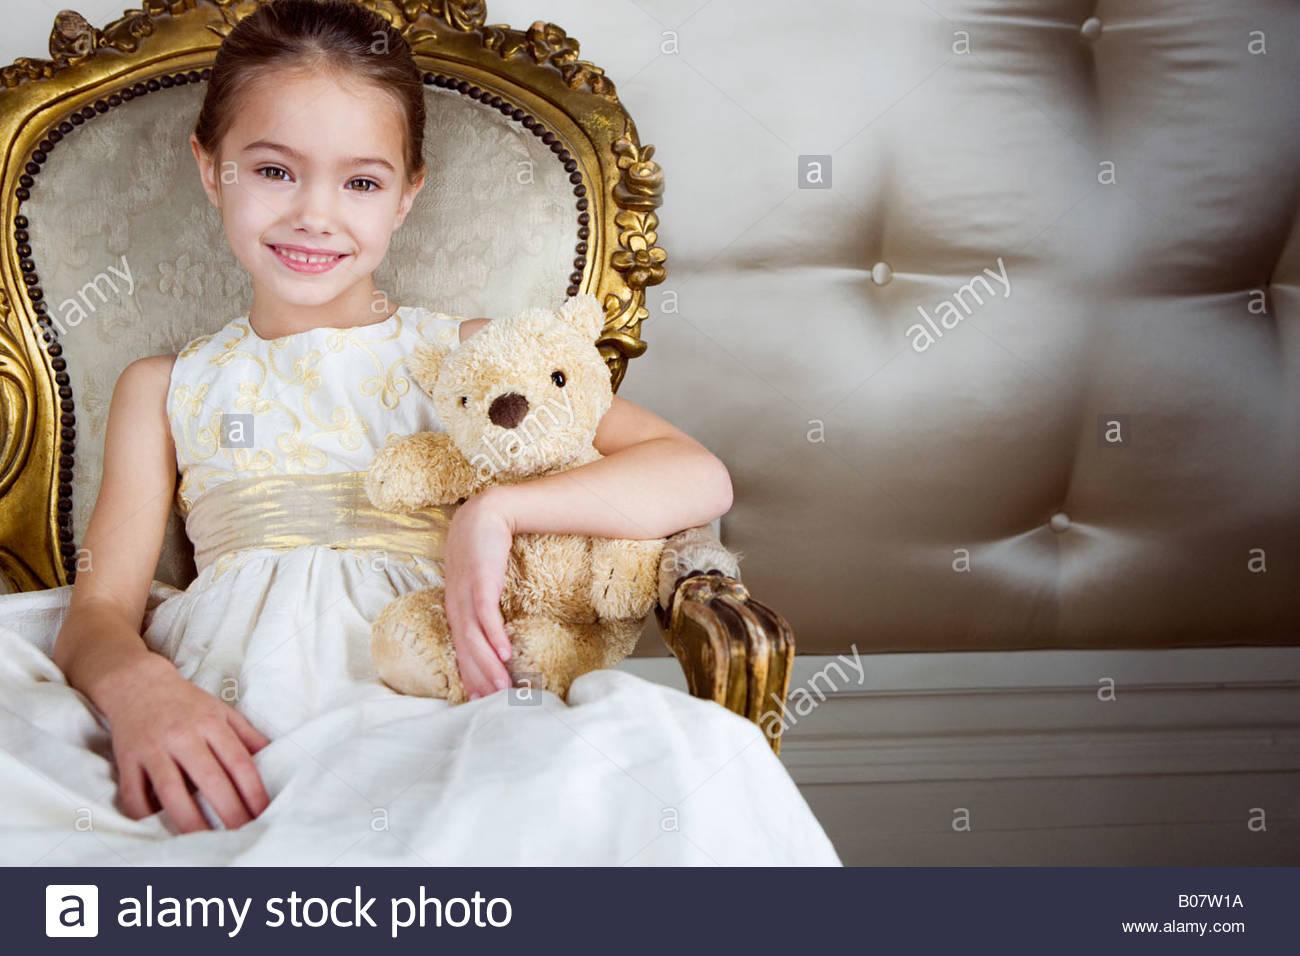 Kleines Mädchen sitzt in einem reich verzierten Stuhl trägt ein ...